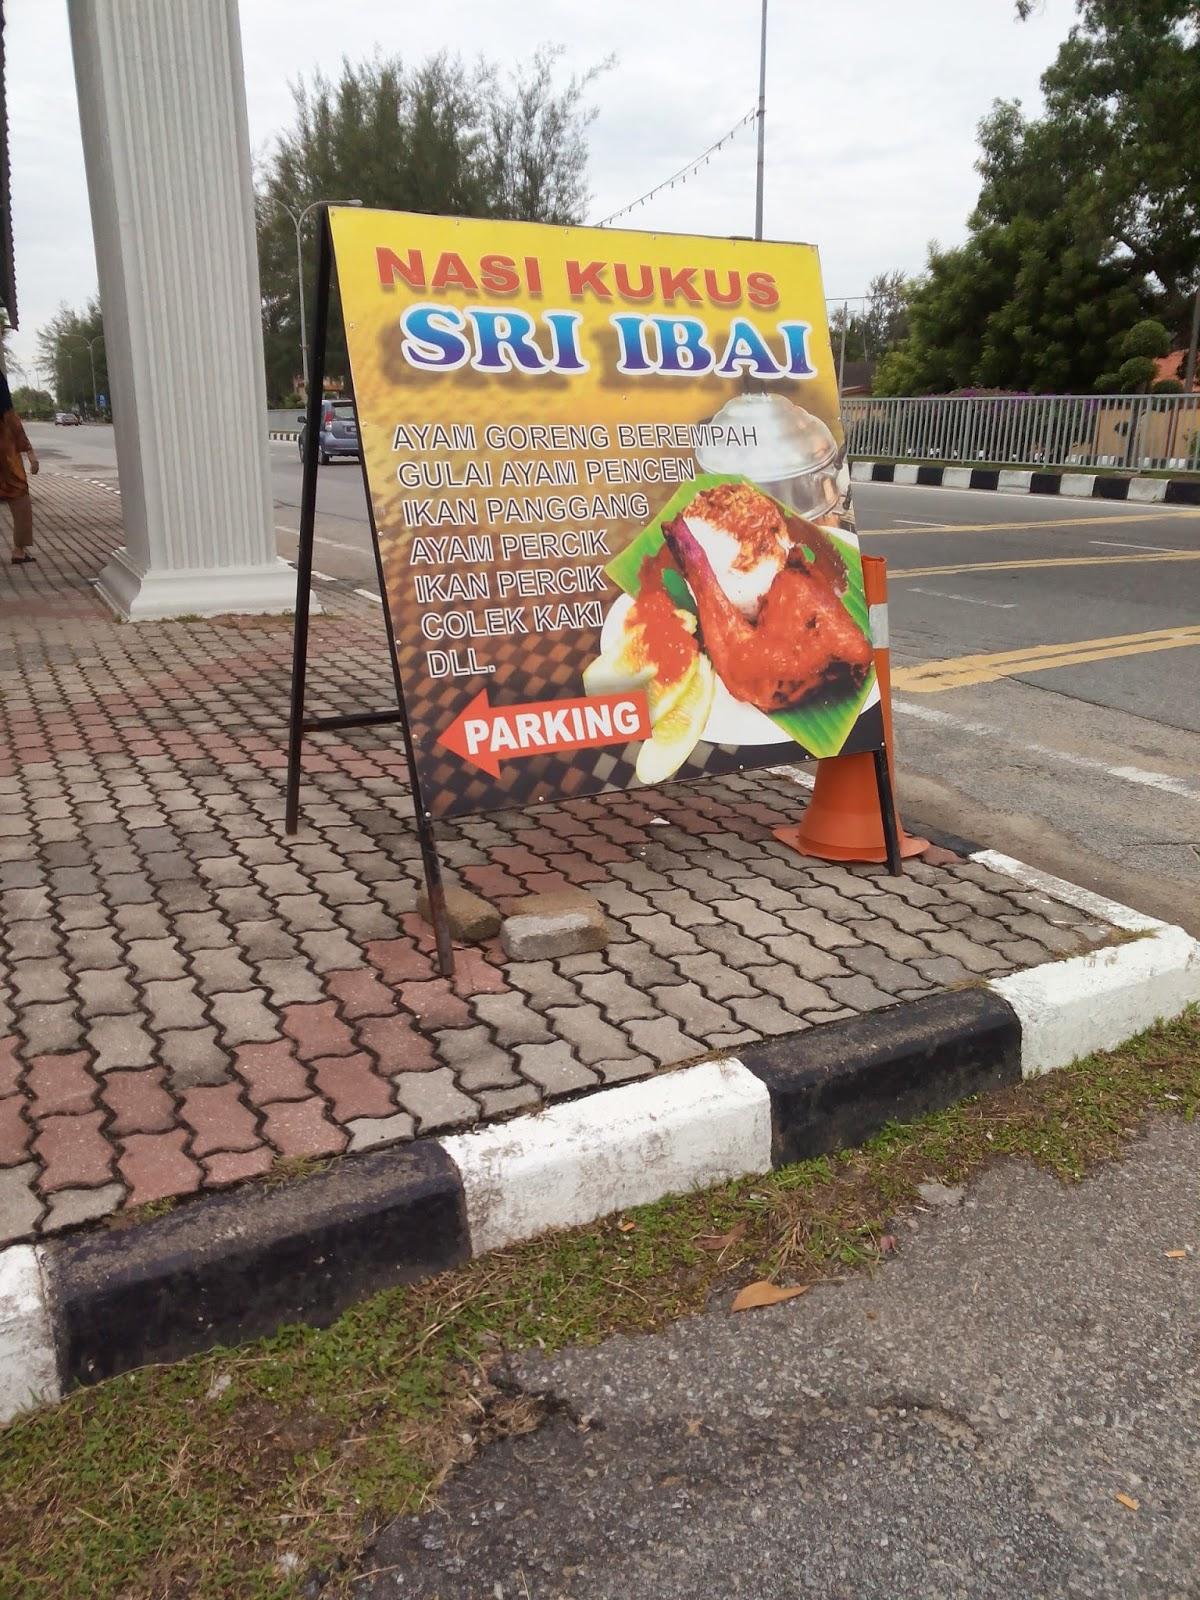 Cuti di Terengganu - Makan Best (Part 3)